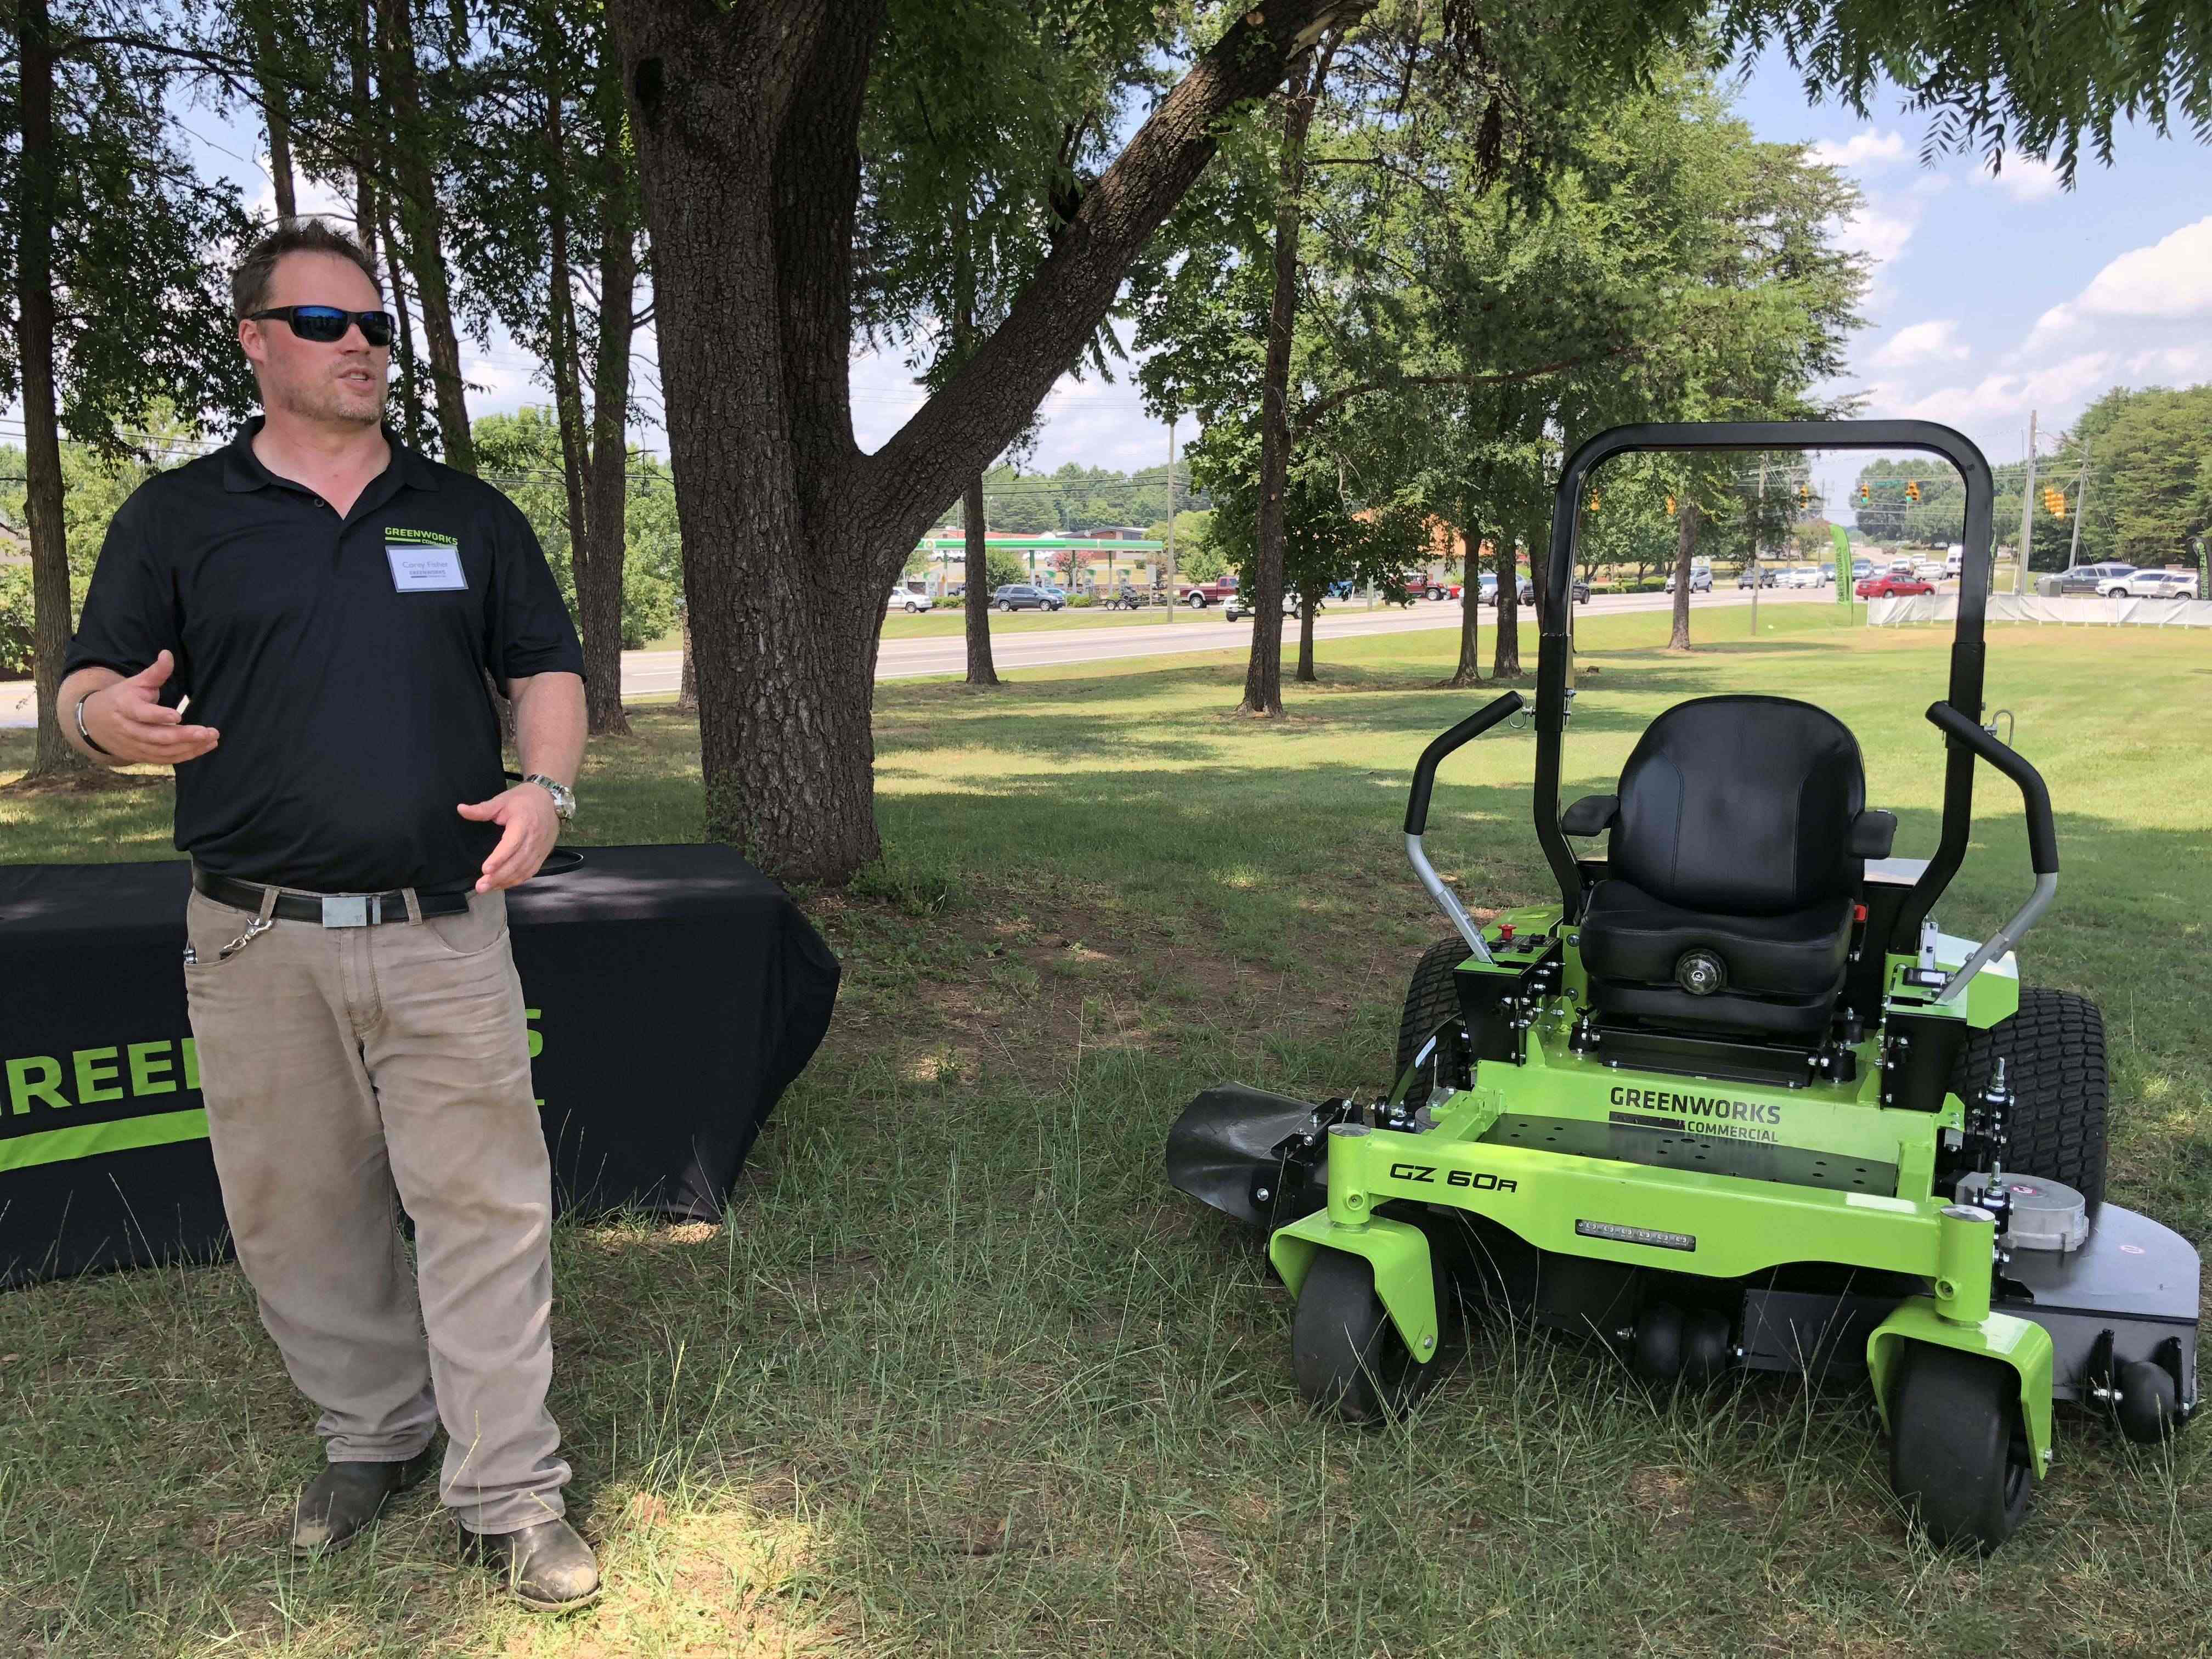 Corey Fisher with Greenworks battery-powered zero-turn mower